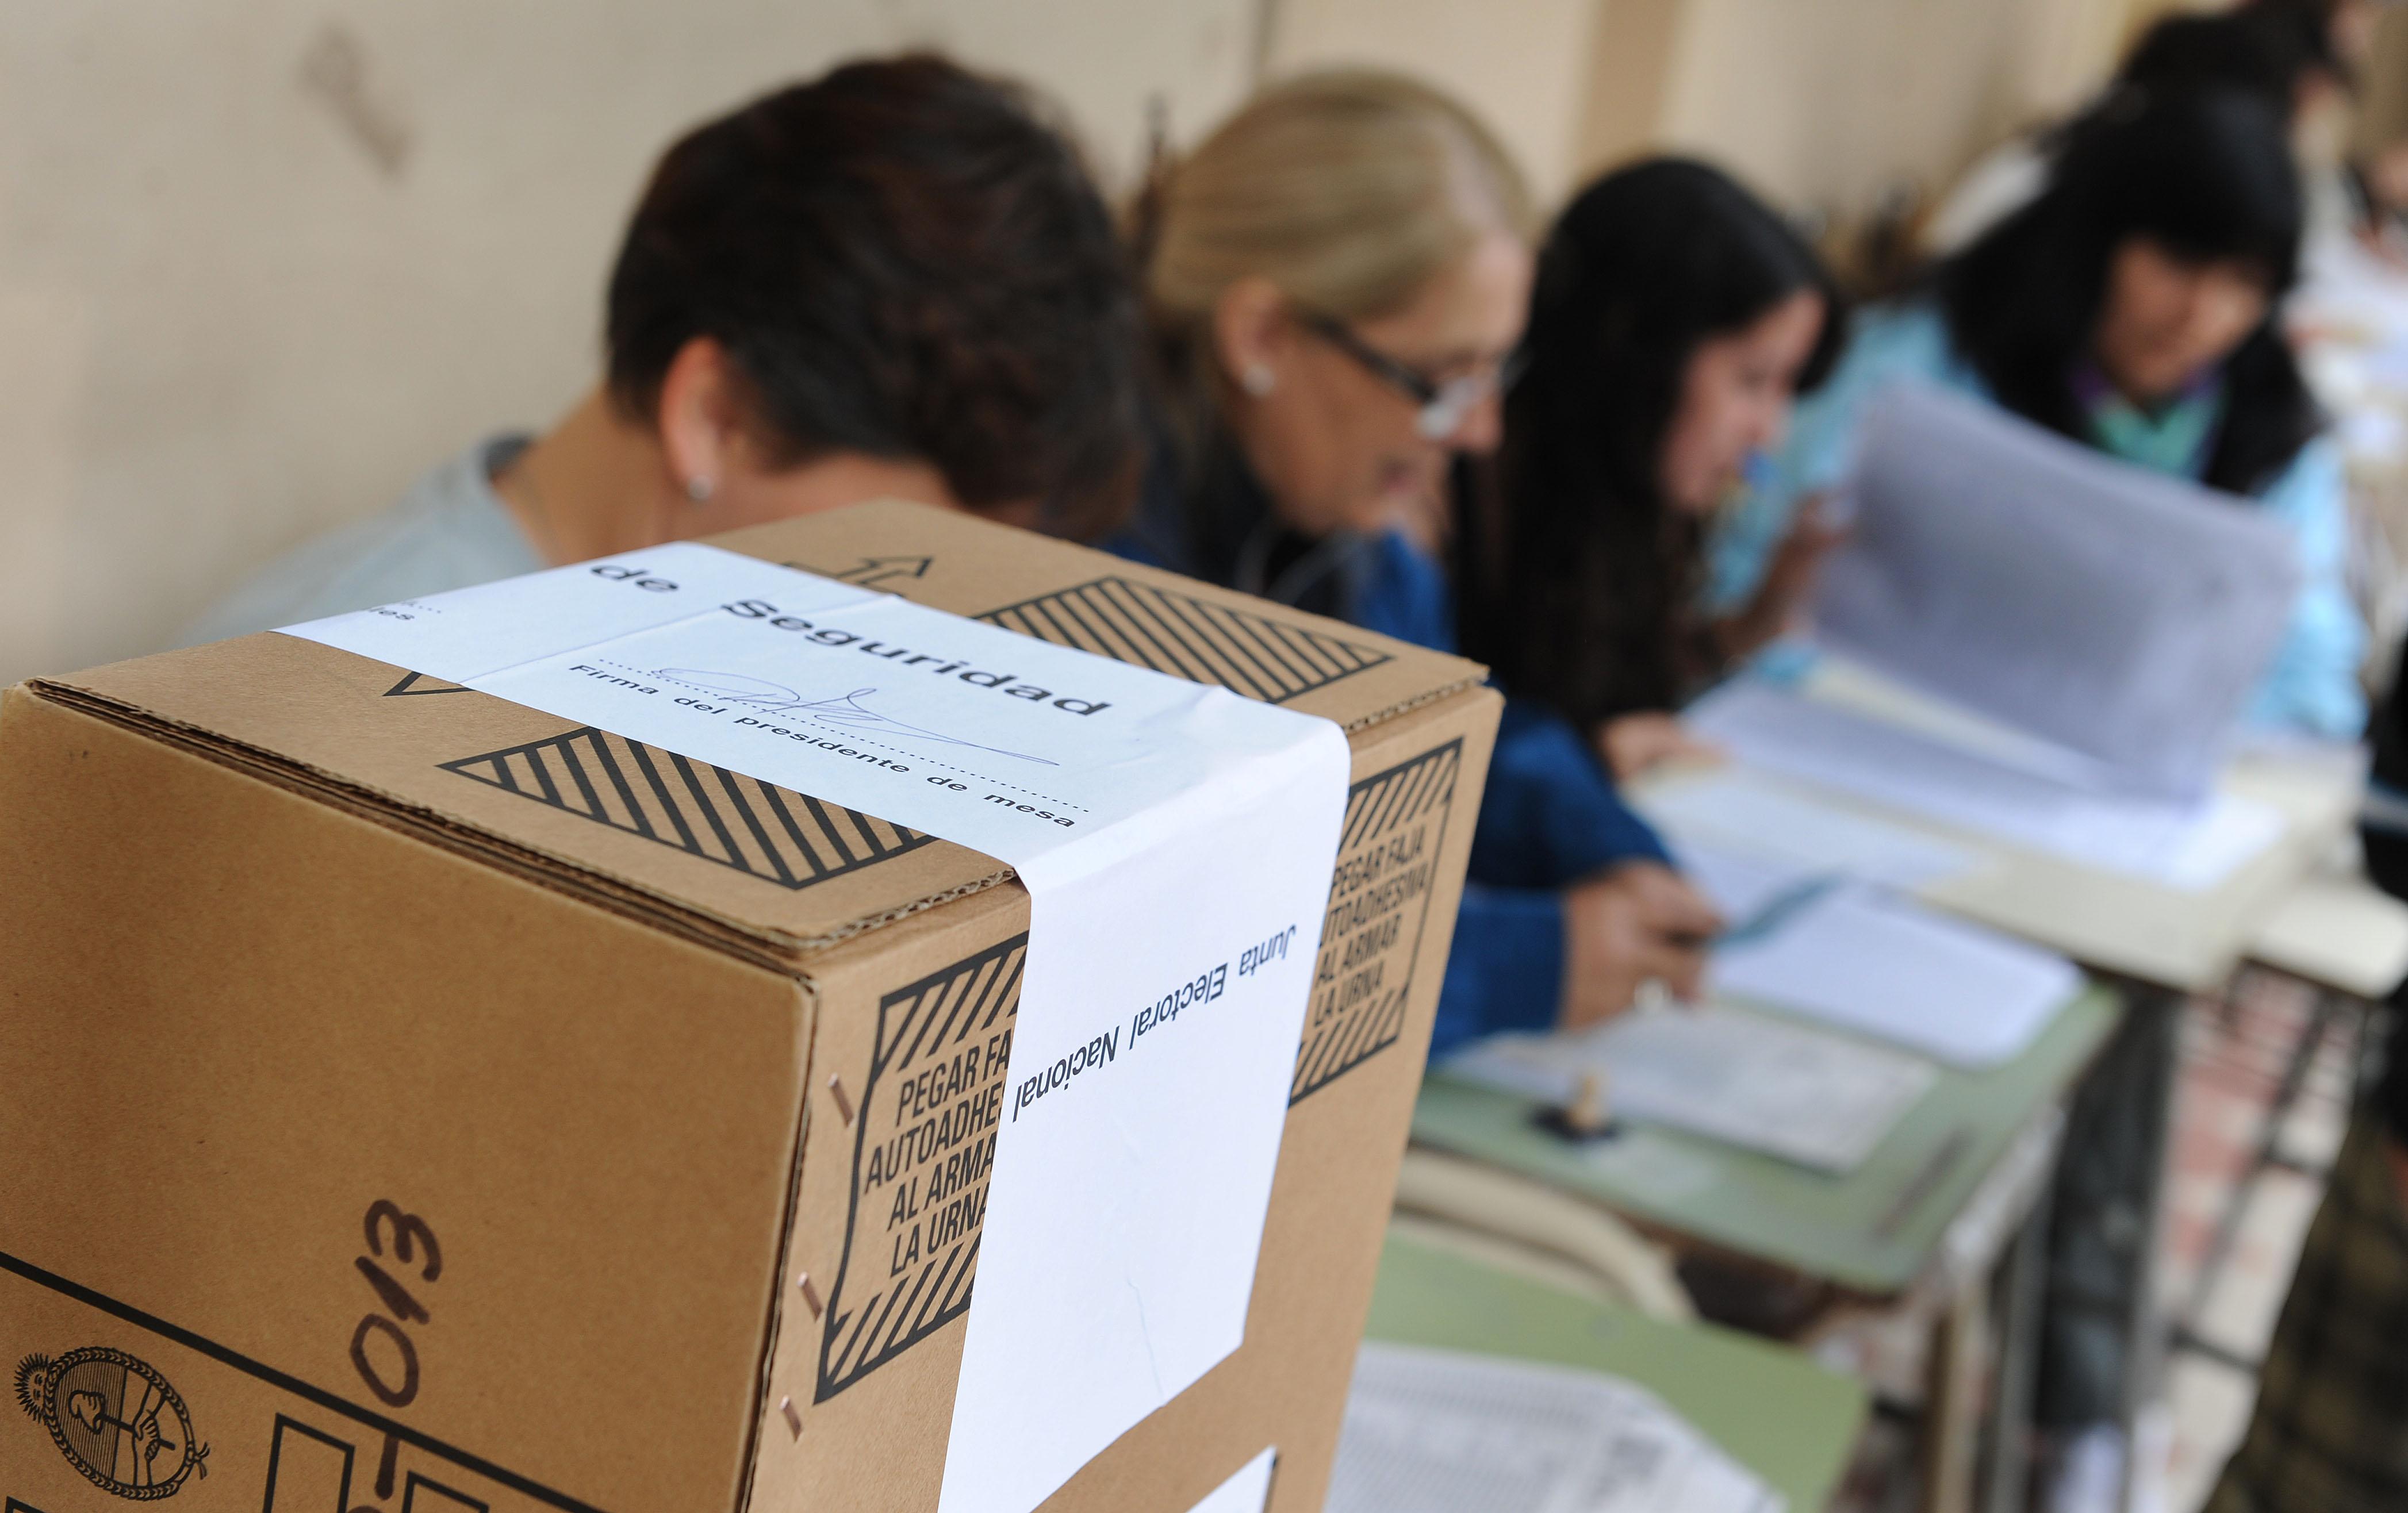 23-10-2011 CIUDAD// elecciones generales para presidente 2012  colegio Manuel Belgrano gente votando mirando lista foto Francisco Guillen